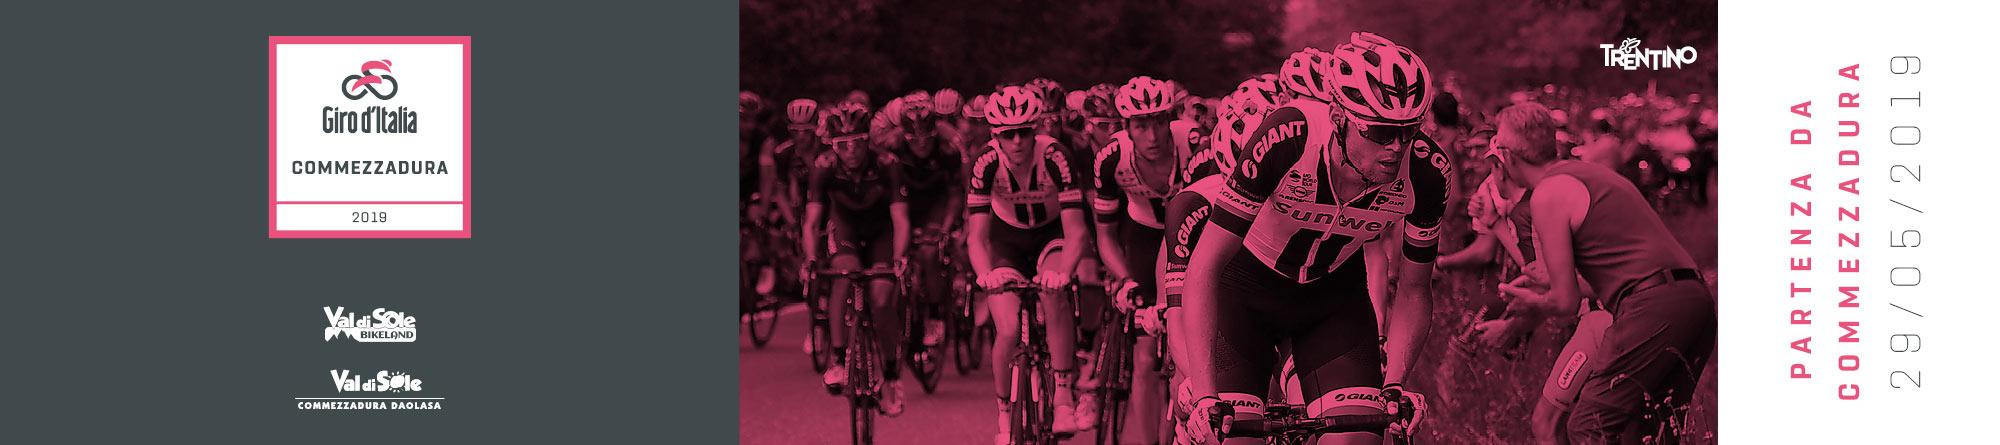 Giro d'Italia Commezzadura